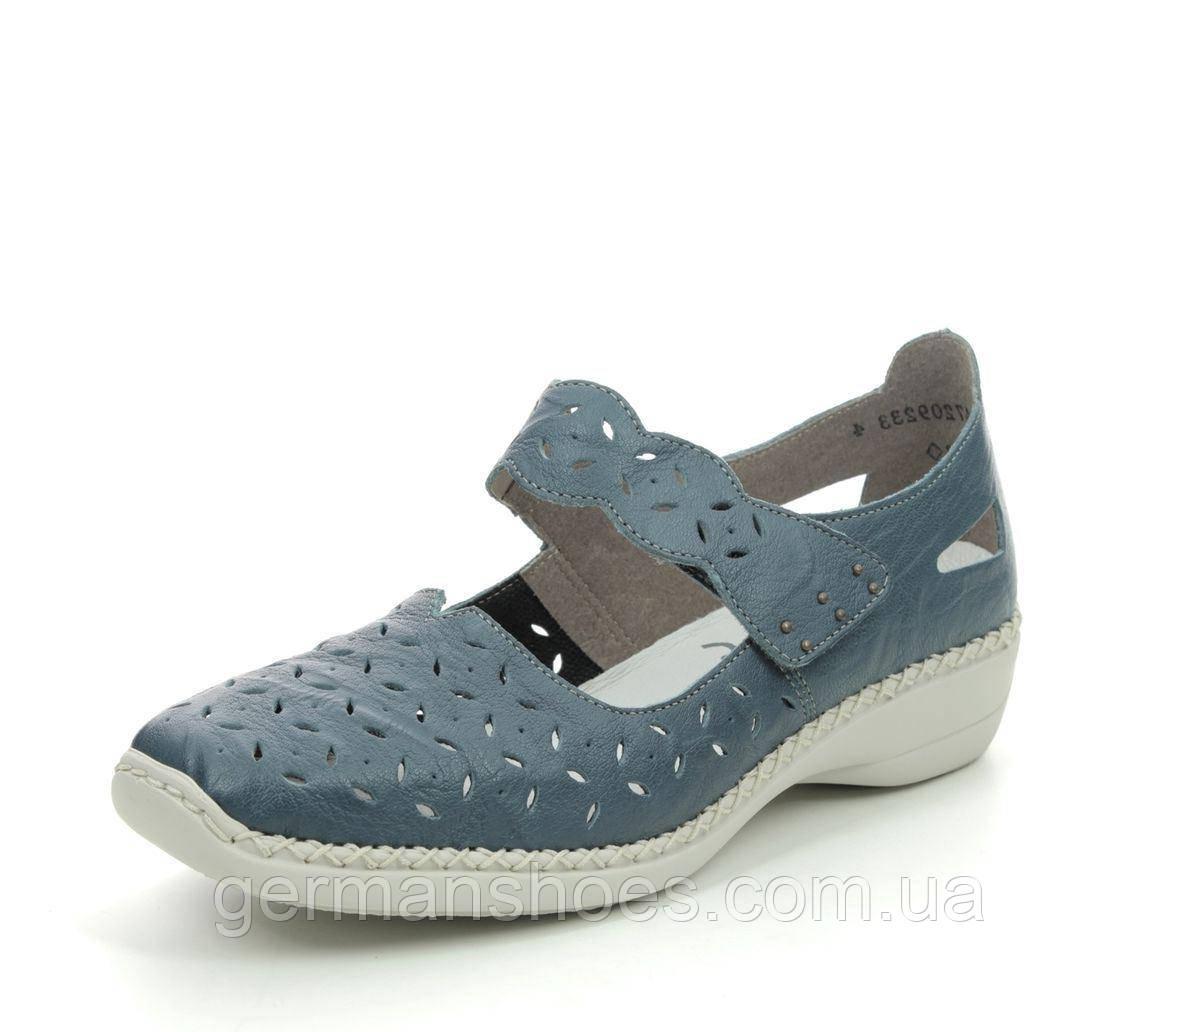 Туфлі жіночі Rieker 41377-12